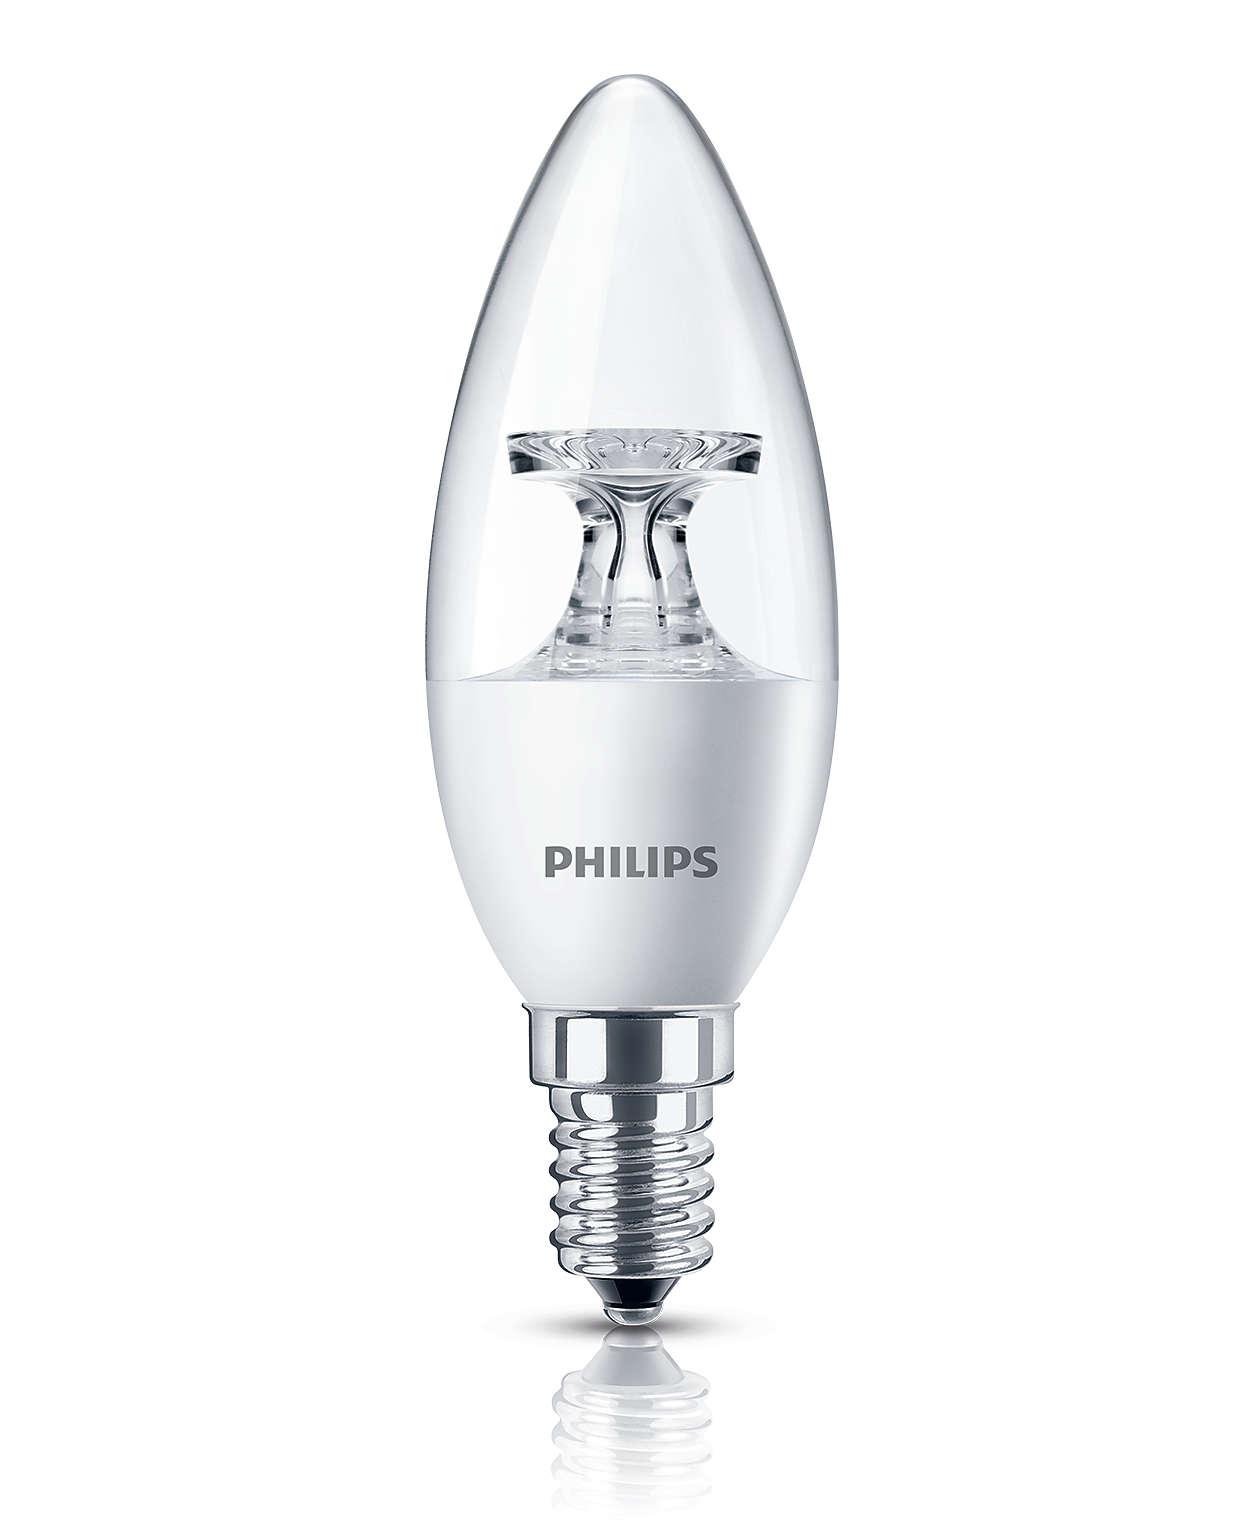 Прозрачная свечевидная светодиодная лампа, приятный сияющий свет